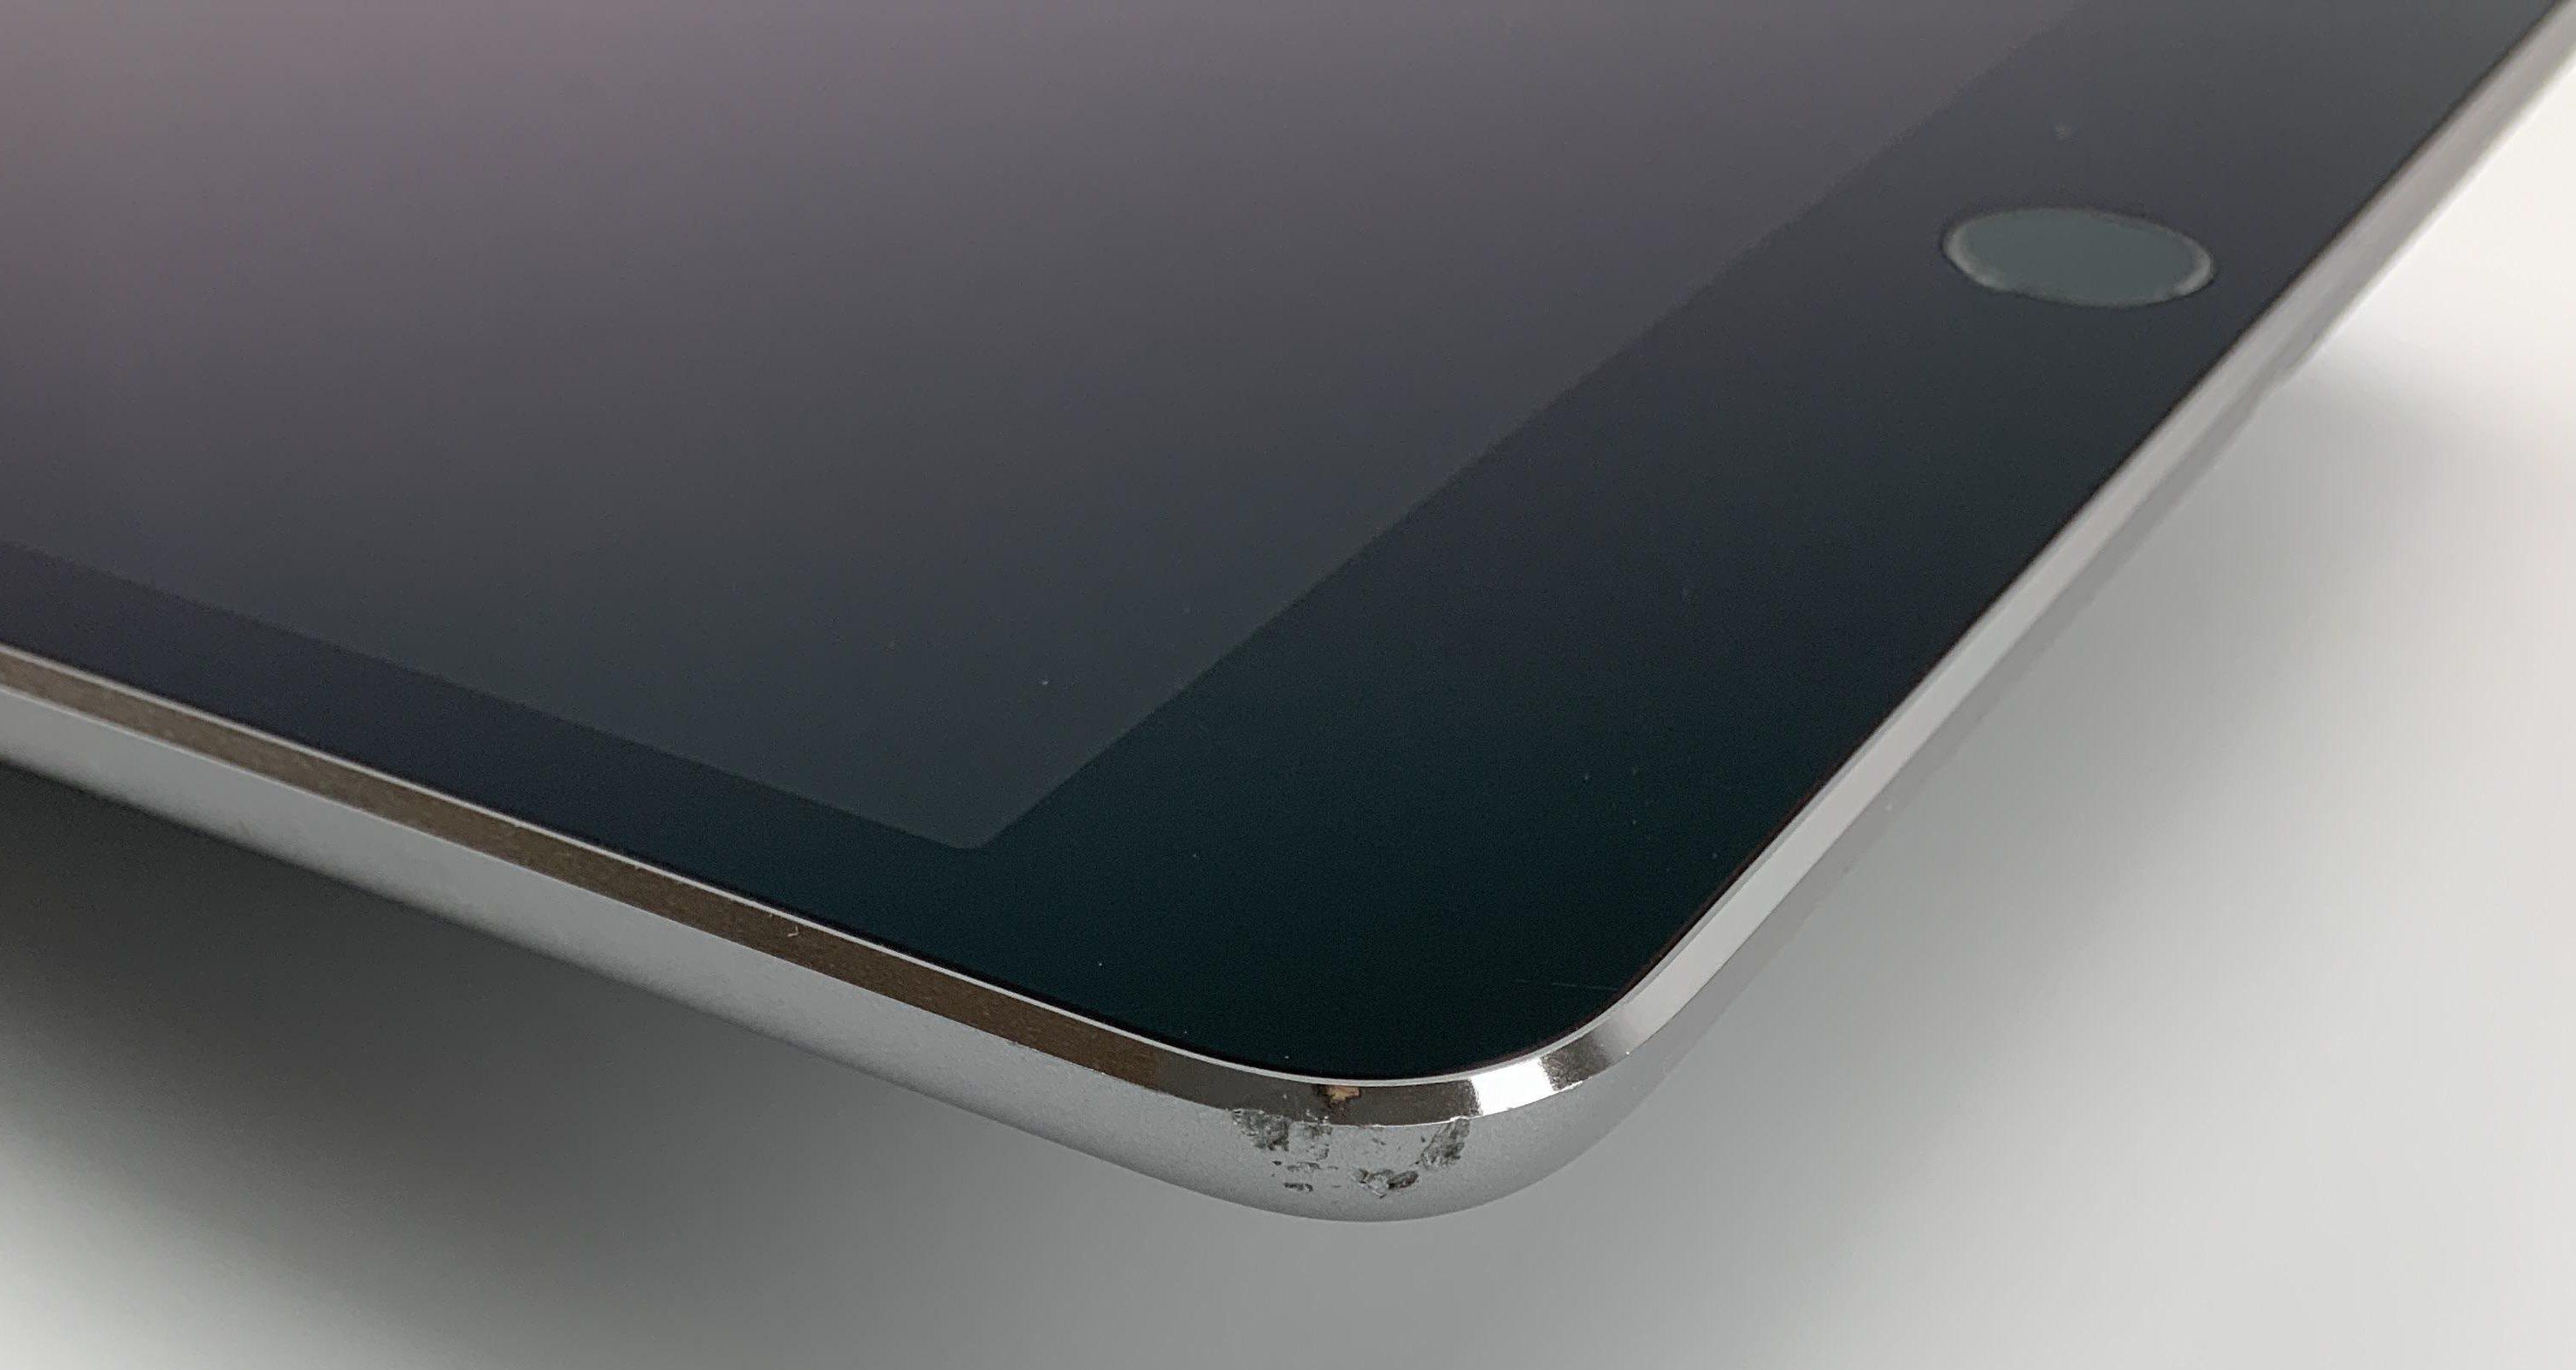 iPad mini 4 Wi-Fi + Cellular 128GB, 128GB, Space Gray, Kuva 4